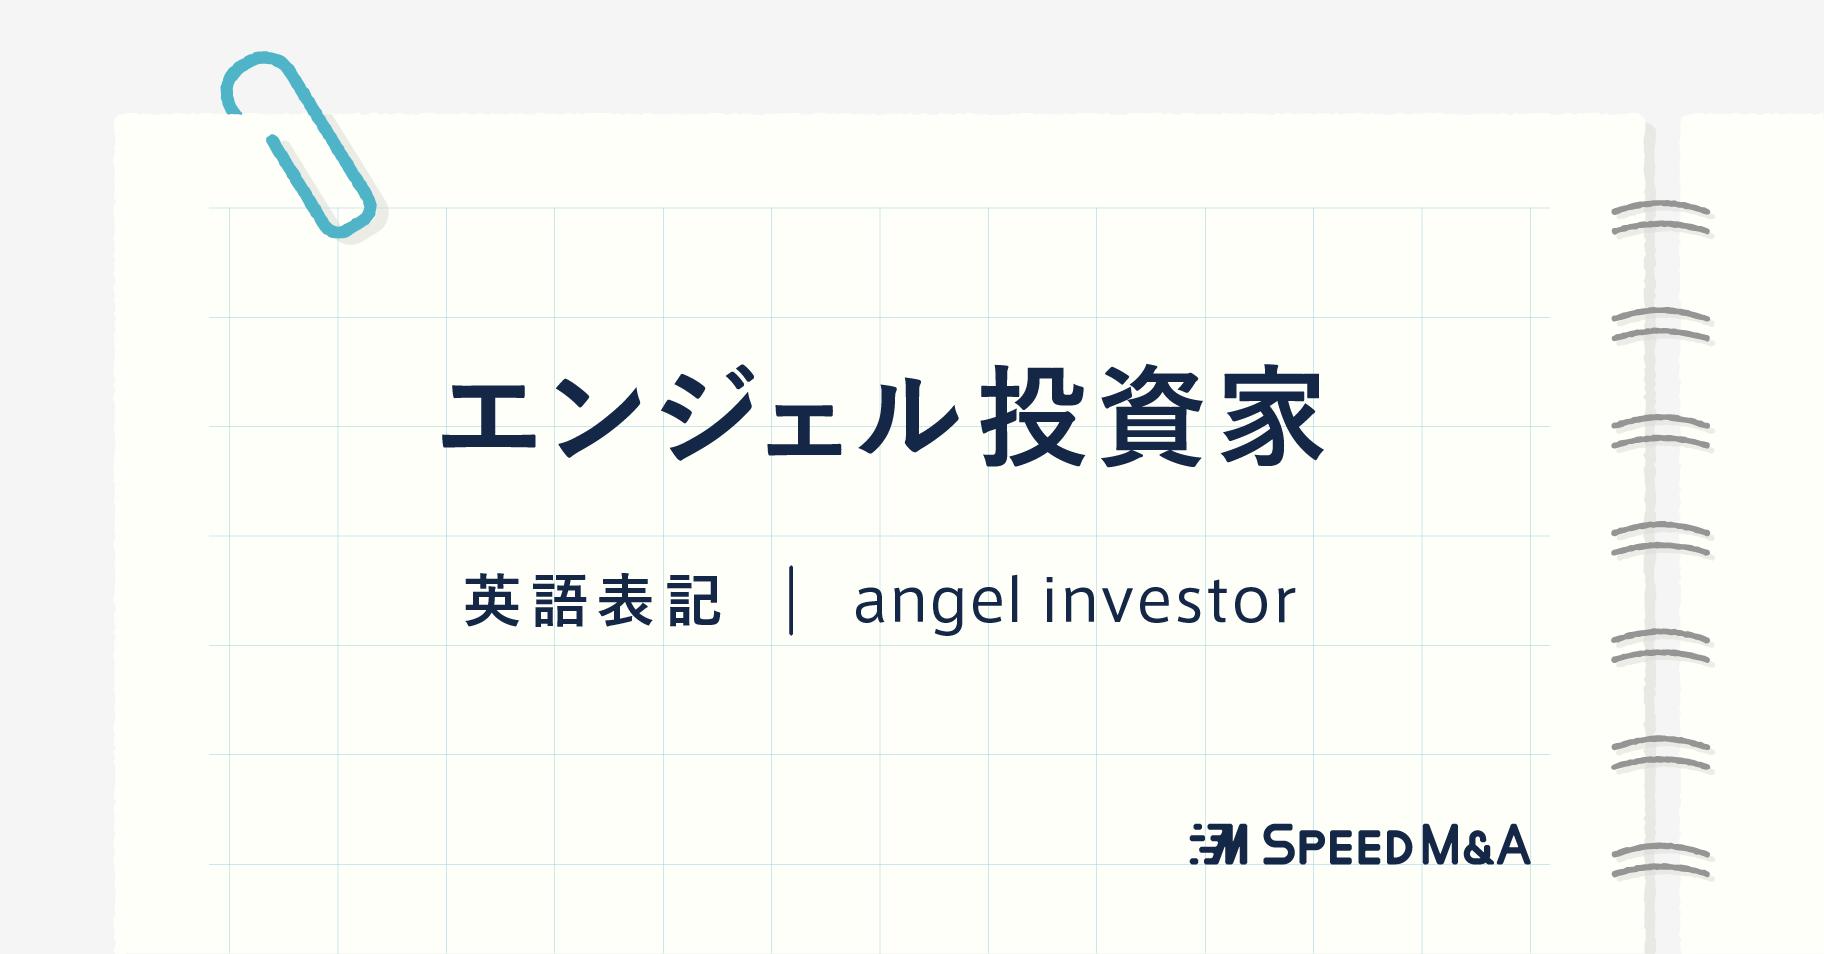 エンジェル投資家とは